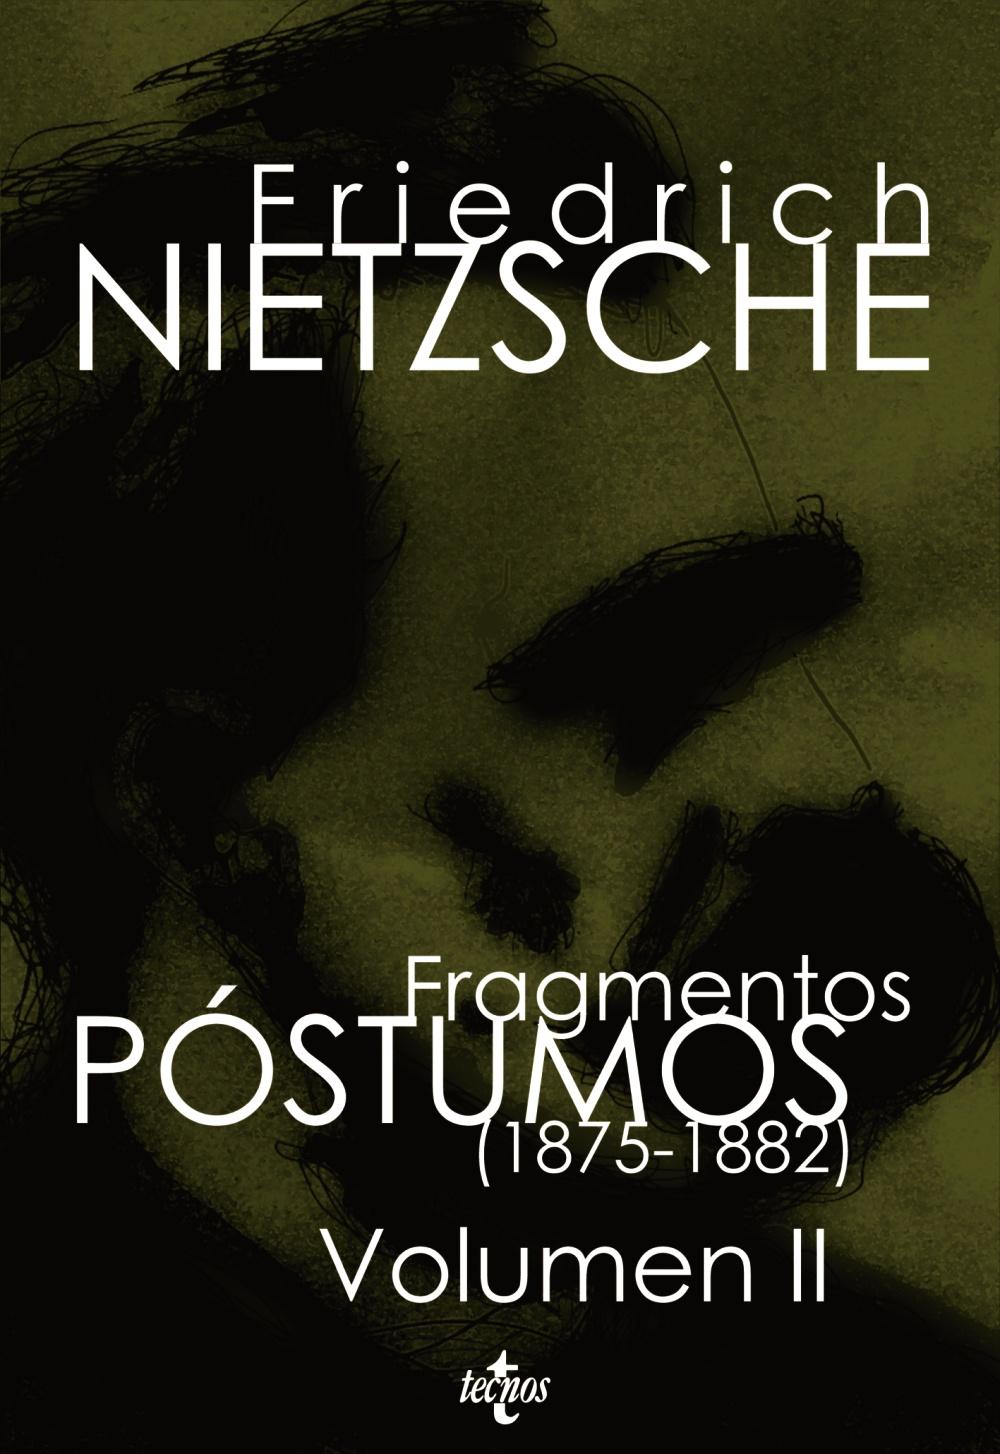 Fragmentos Postumos: Volumen Ii (1875-1882) por Friedrich Nietzsche epub